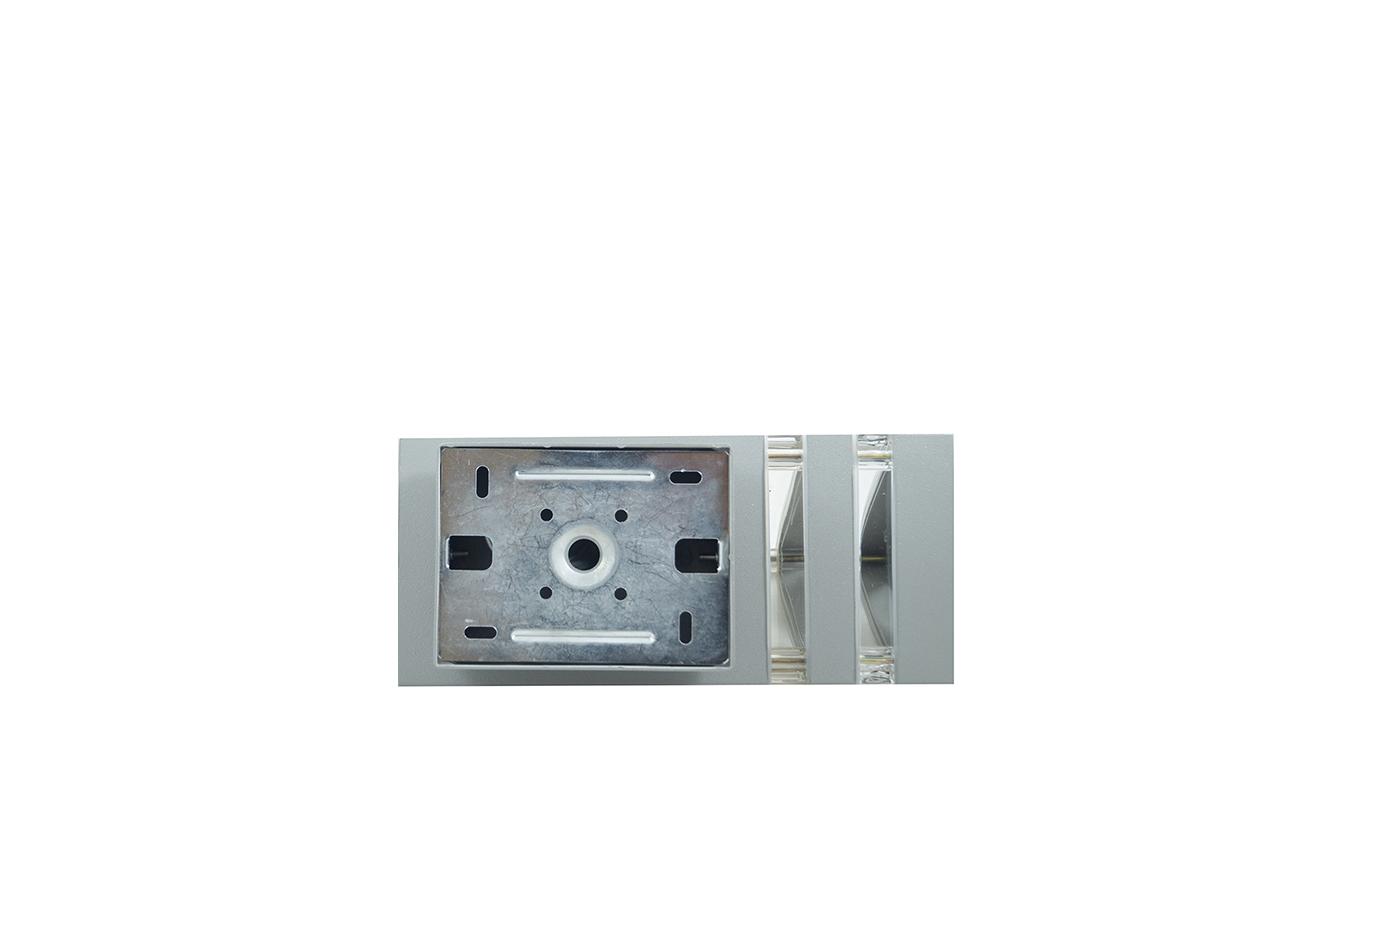 Bes 23459 applique beselettronica applique esterno grigio